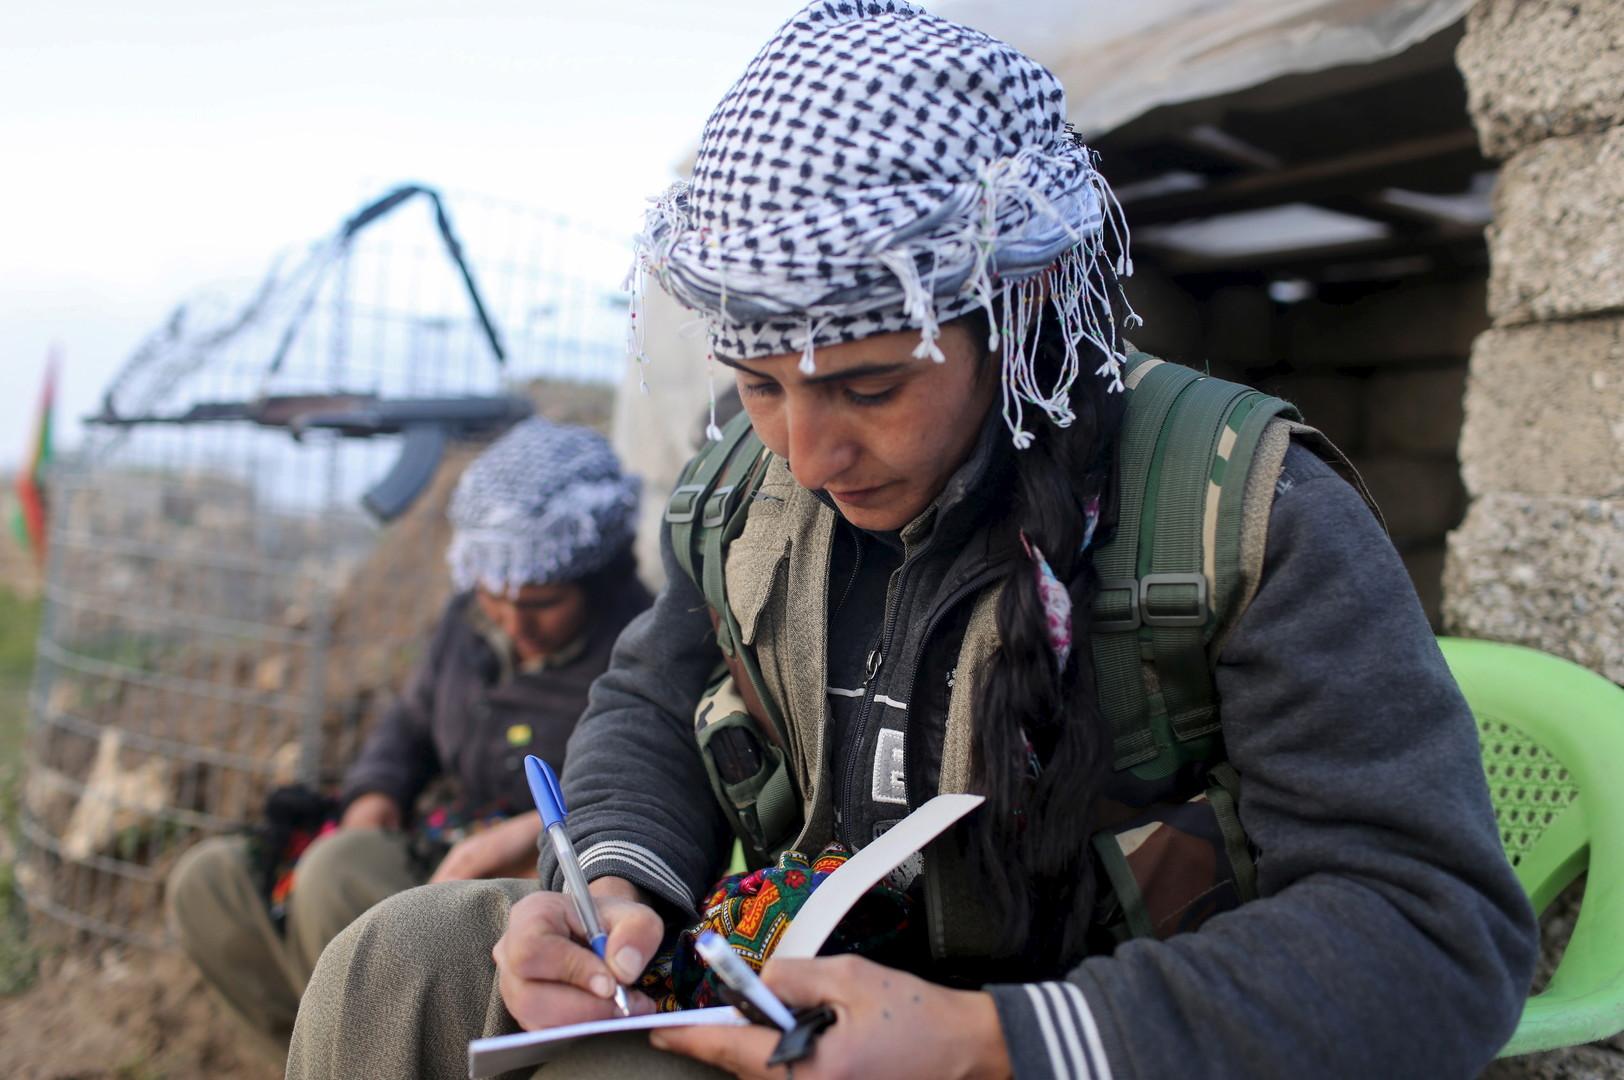 Eine Kämpferin schreibt Notizen in ein Buch, während sie ihre Wache an der Basis in Sinjar verbringt, März 2015.